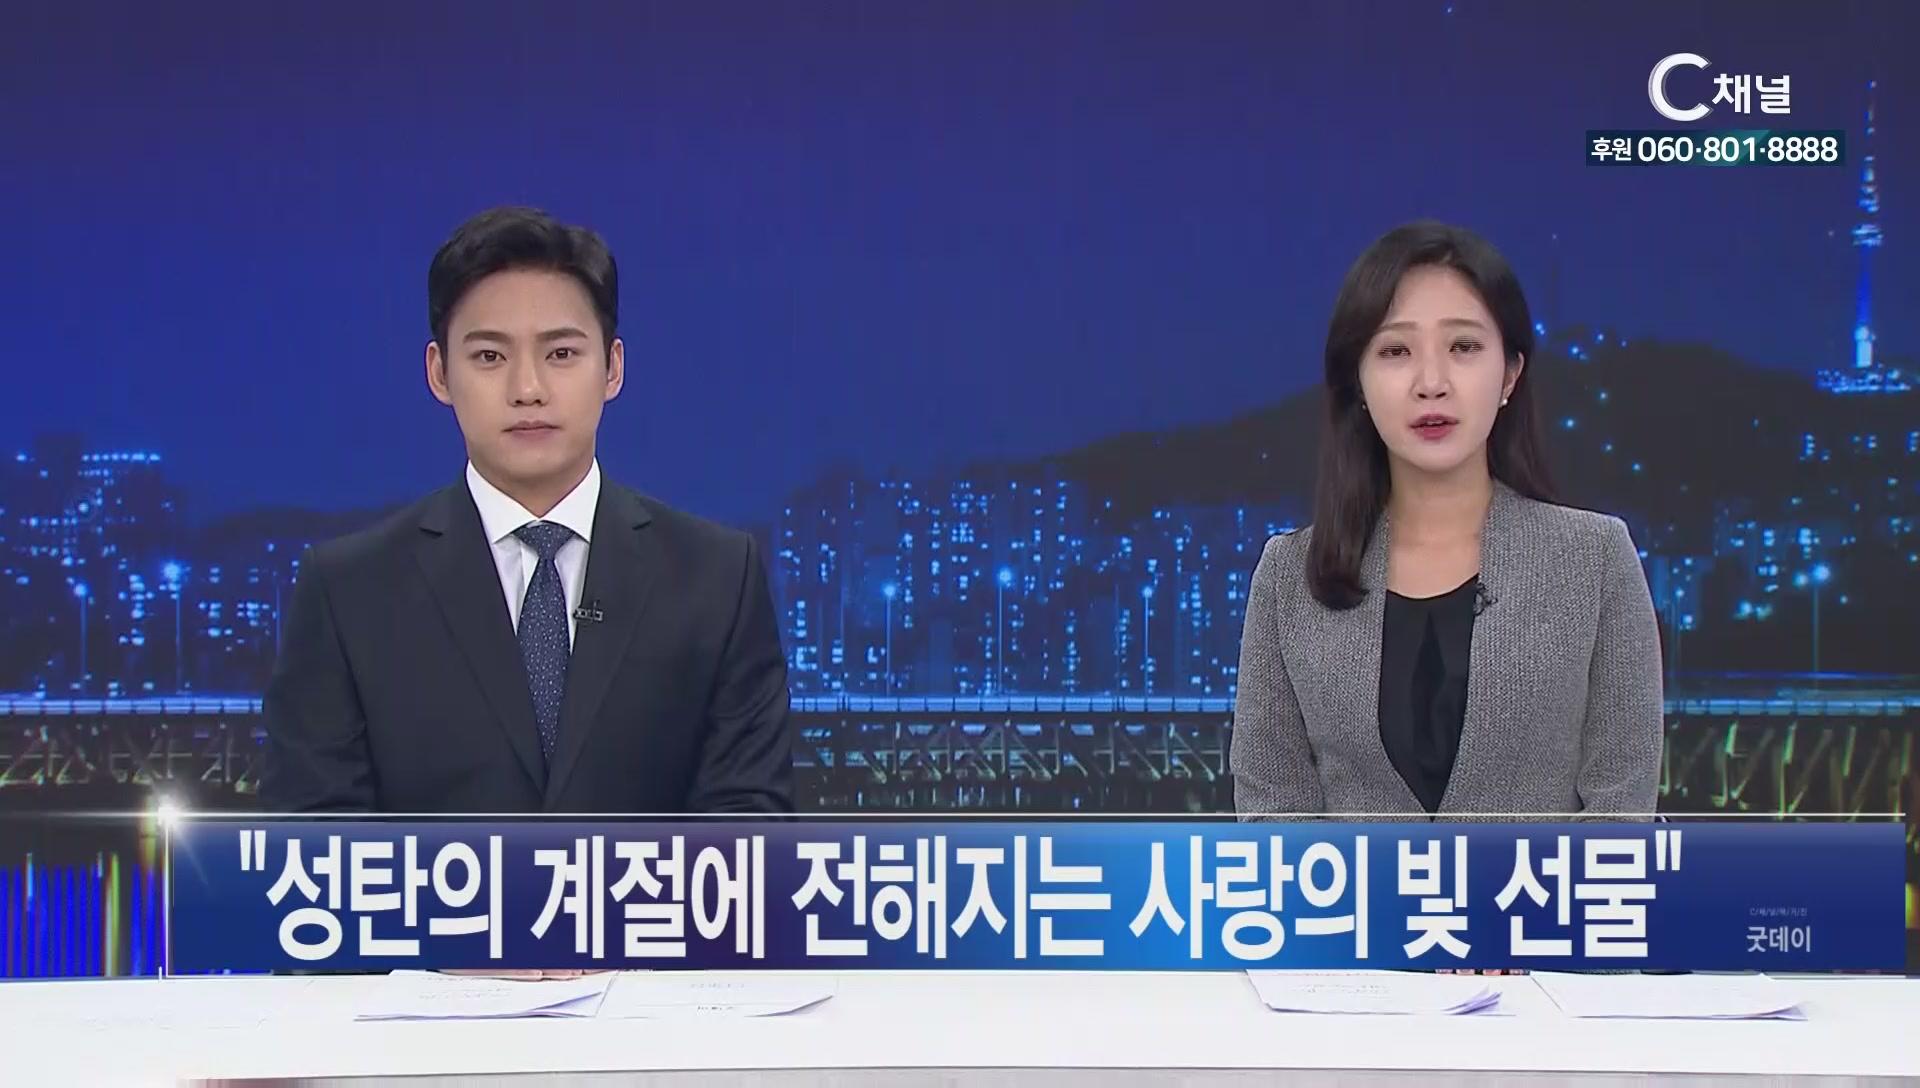 [C채널 매거진 굿데이] 2019년12 월12 일 C채널 뉴스